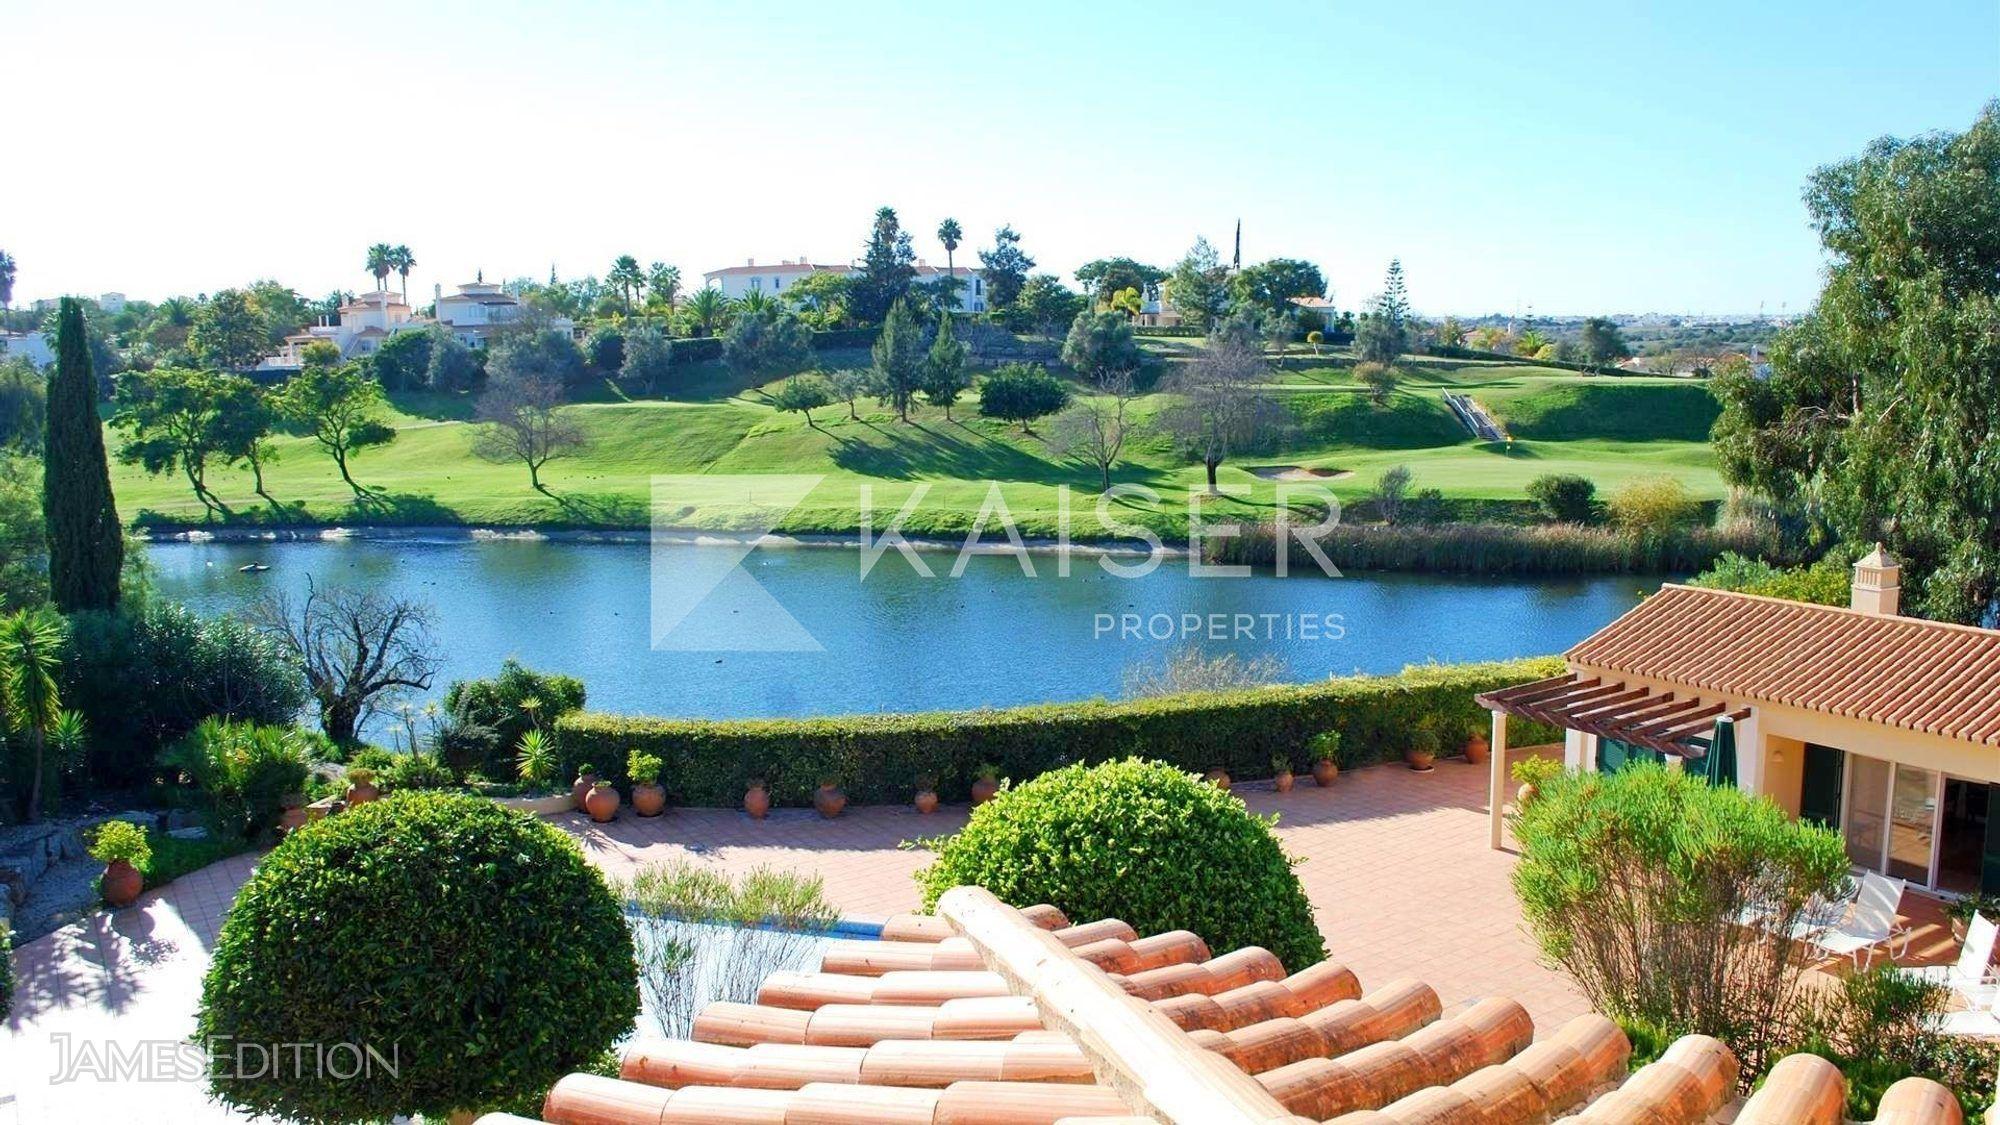 Carvoeiro Villa House tout Location Maison Avec Piscine Portugal